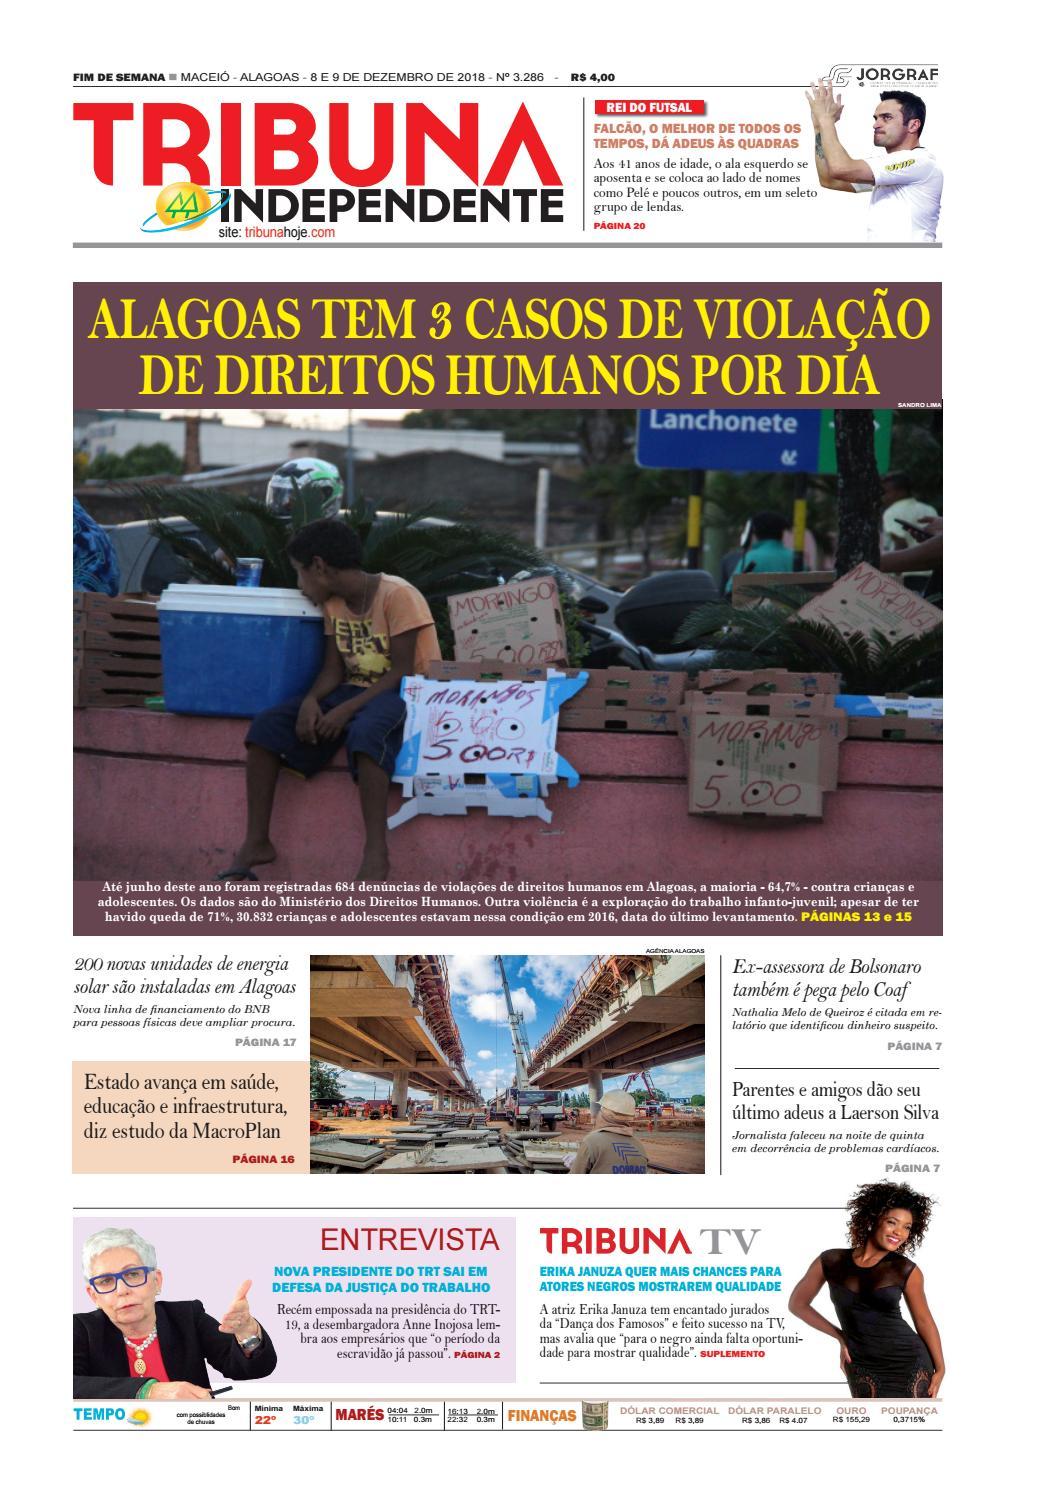 9c802f21fd281 Edição número 3286 - 8 e 9 de dezembro de 2018 by Tribuna Hoje - issuu